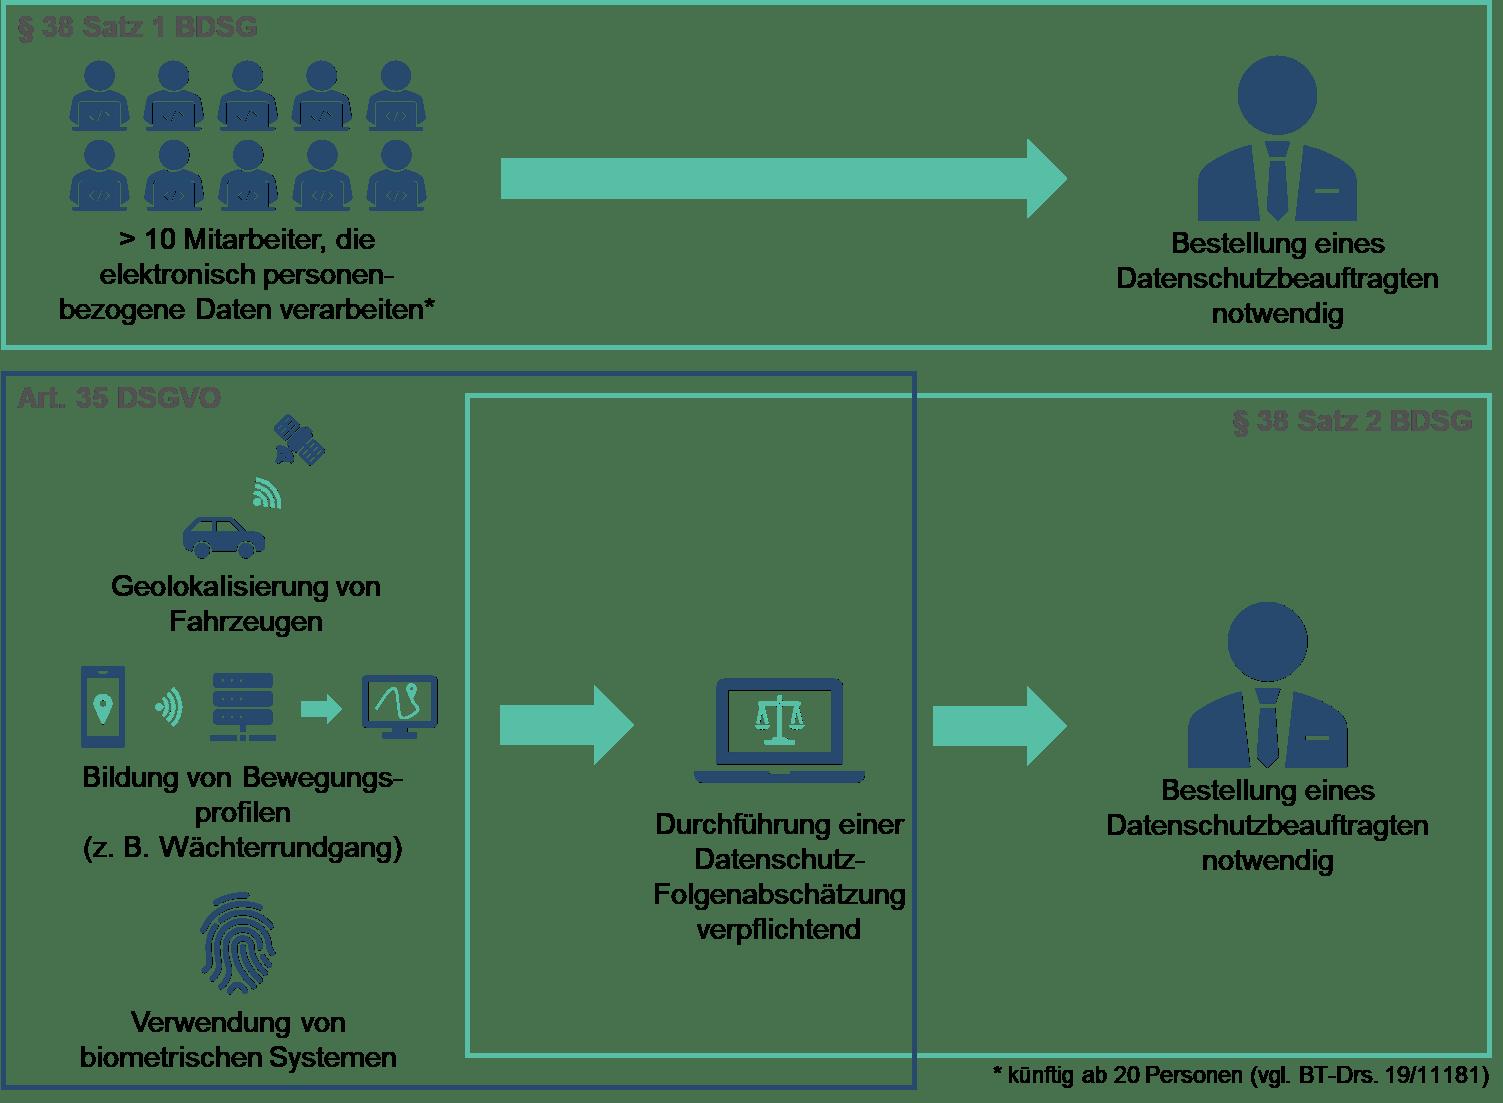 Datenschutz im Sicherheitsdienst: Wann benötige ich einen Datenschutzbeauftragten?